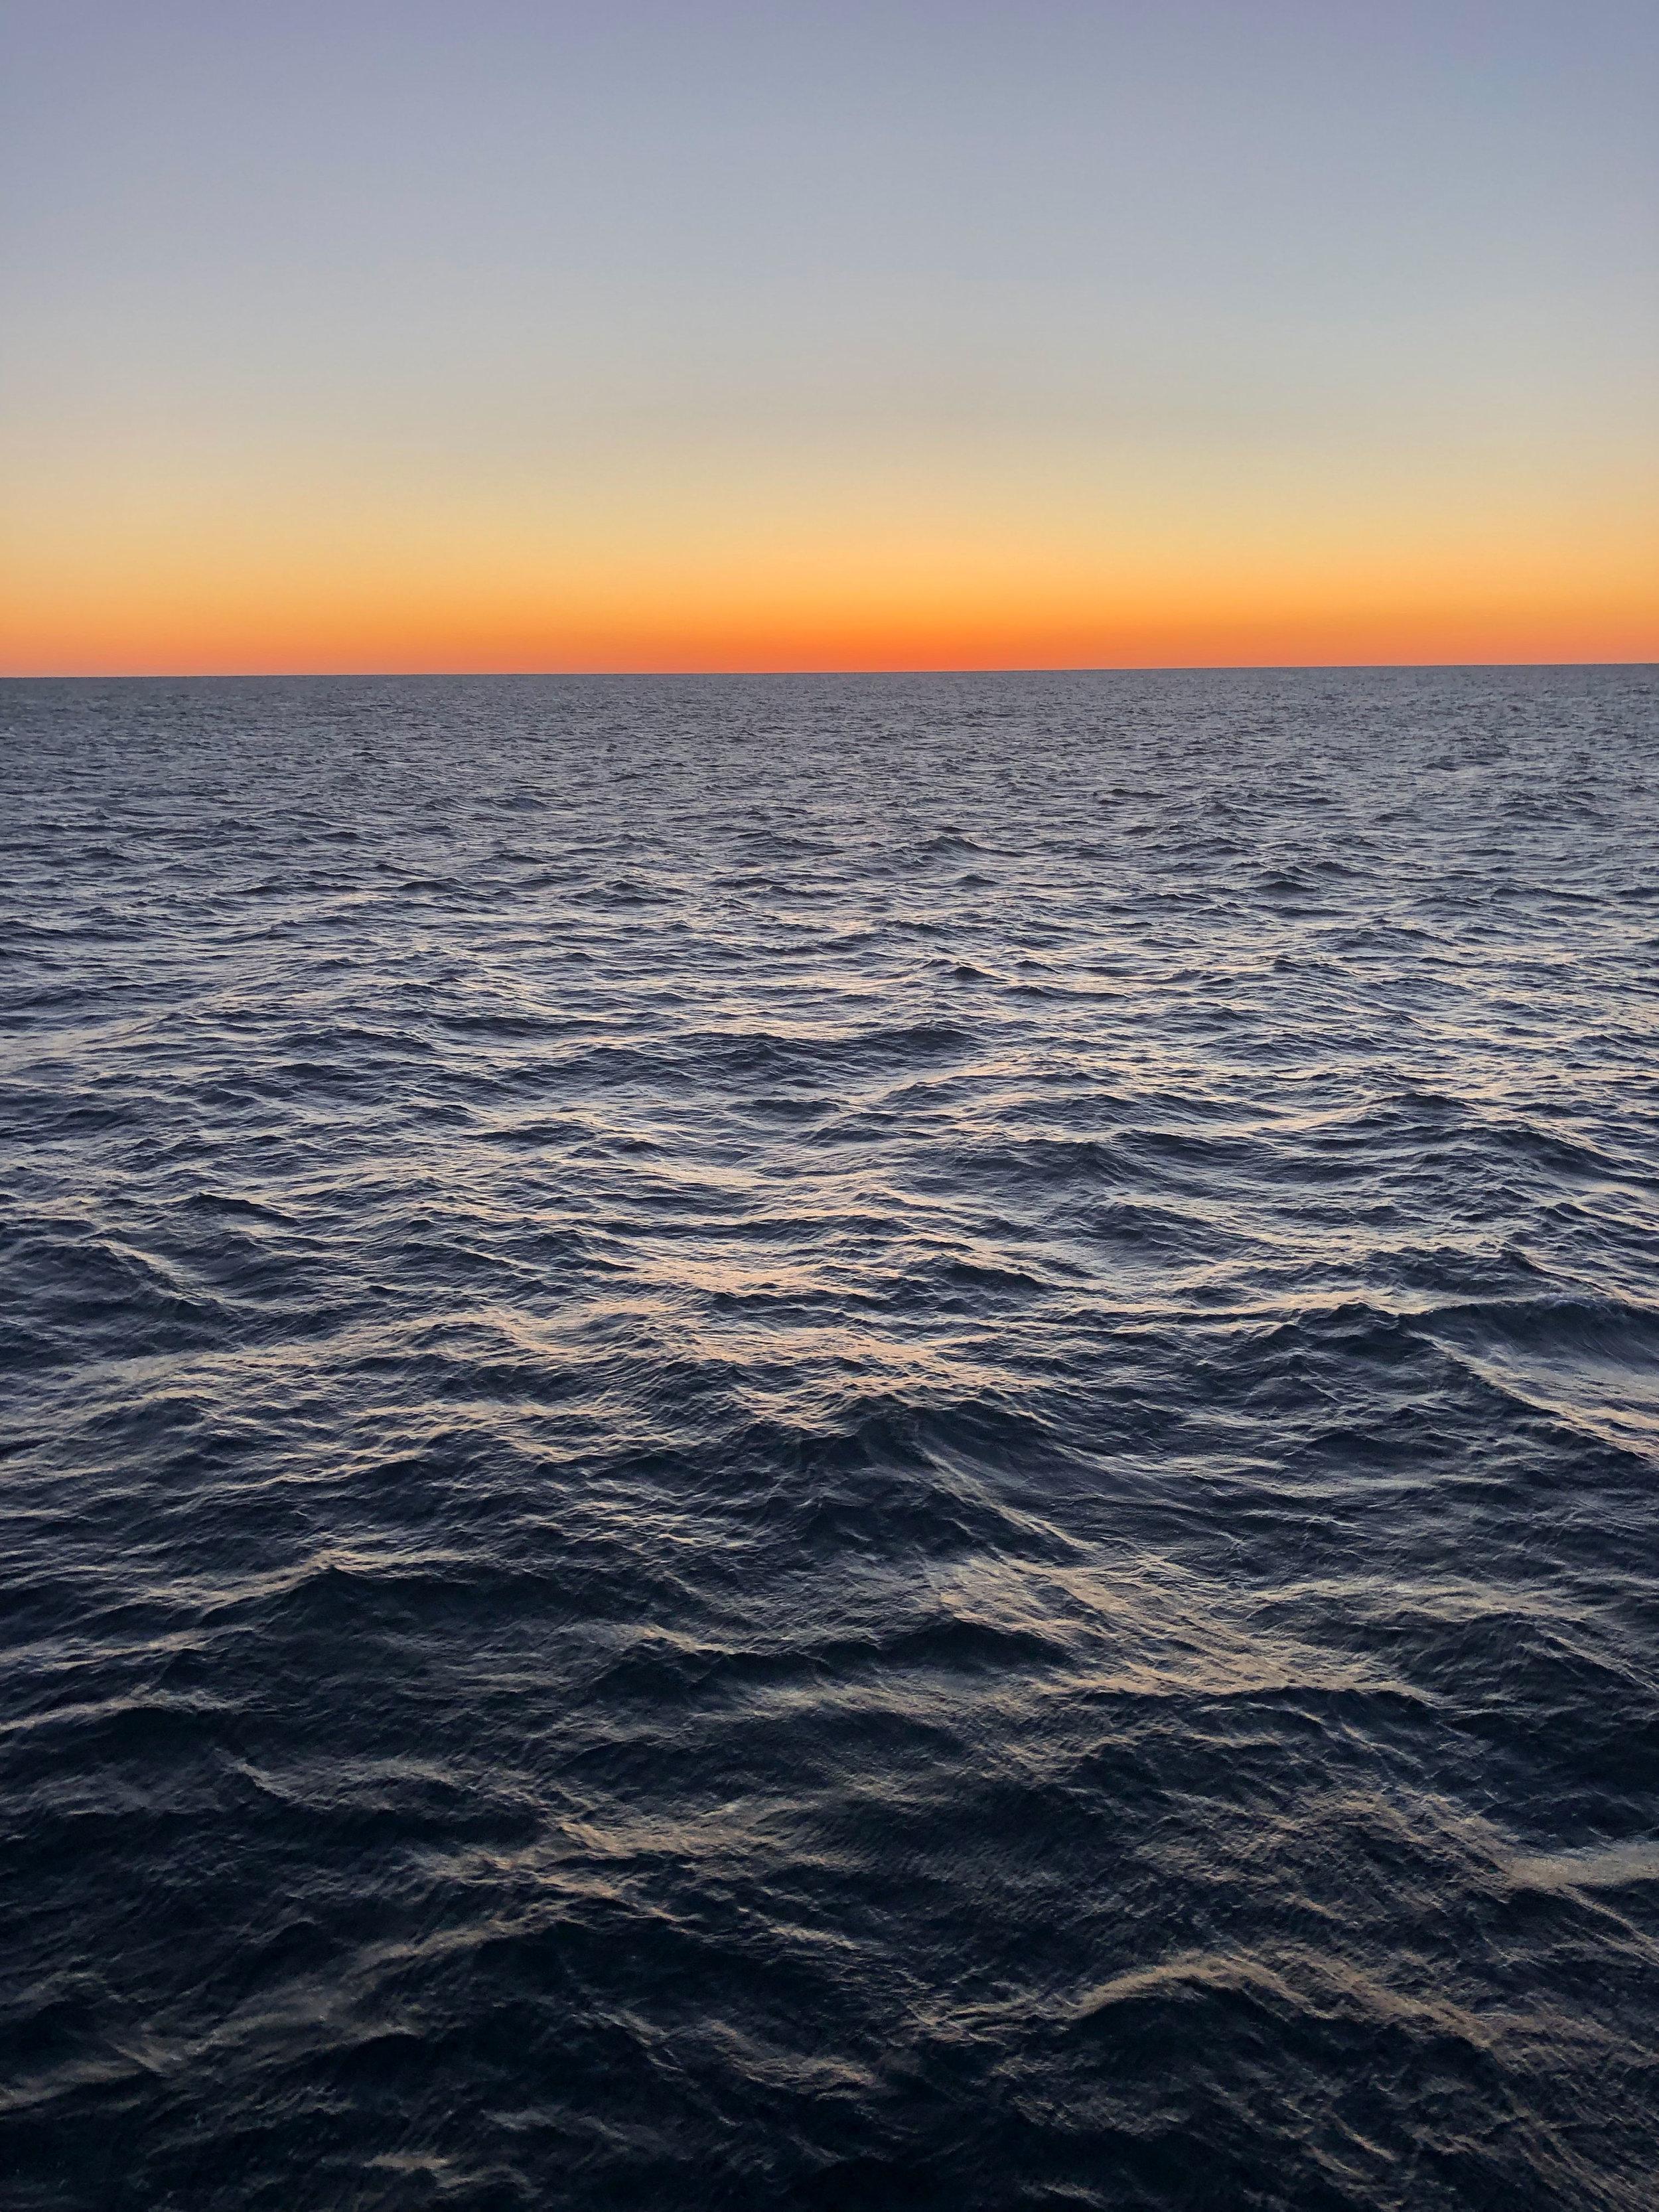 The open ocean!